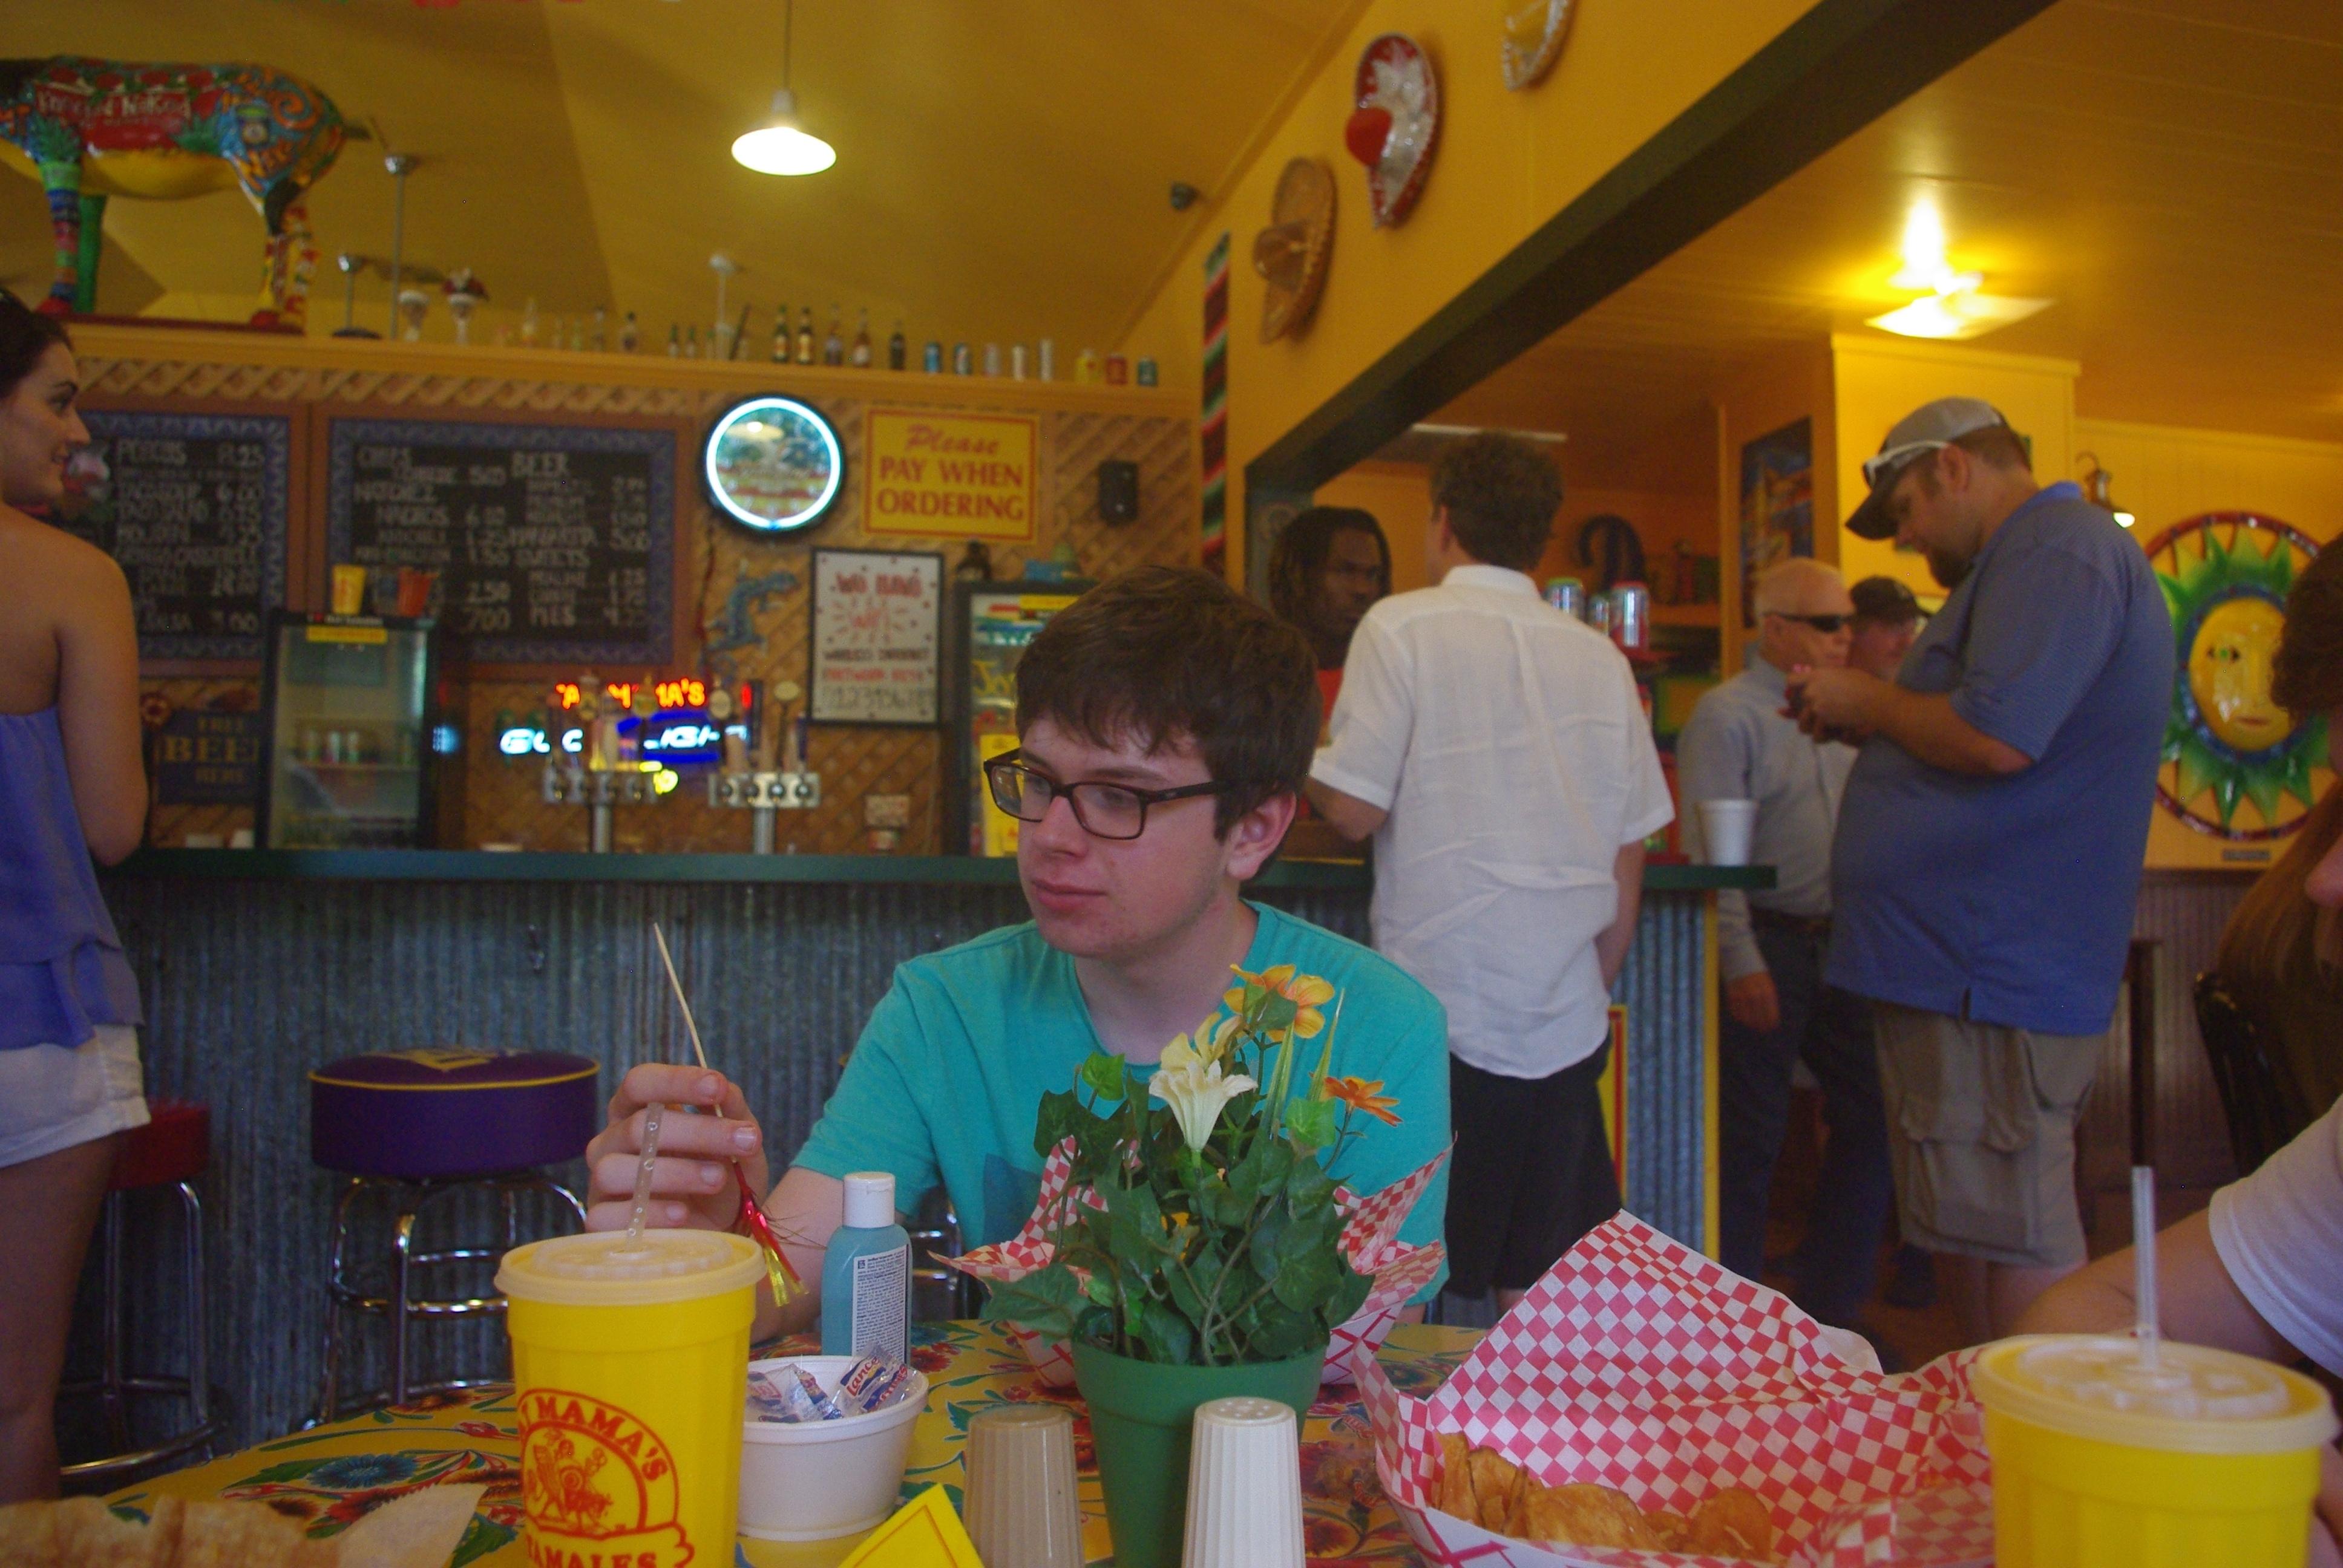 Arrêt déjeuner chez Fat Mama's dont la spécialité est le tamales. C'est un plan d'origine sud américaine constitué d'une feuille de maïs contenant une farce avec de la viande et de la farine de maïs. En fait on ne sait pas vraiment ce qu'il y a à l'intérieur car la recette varie énormément.